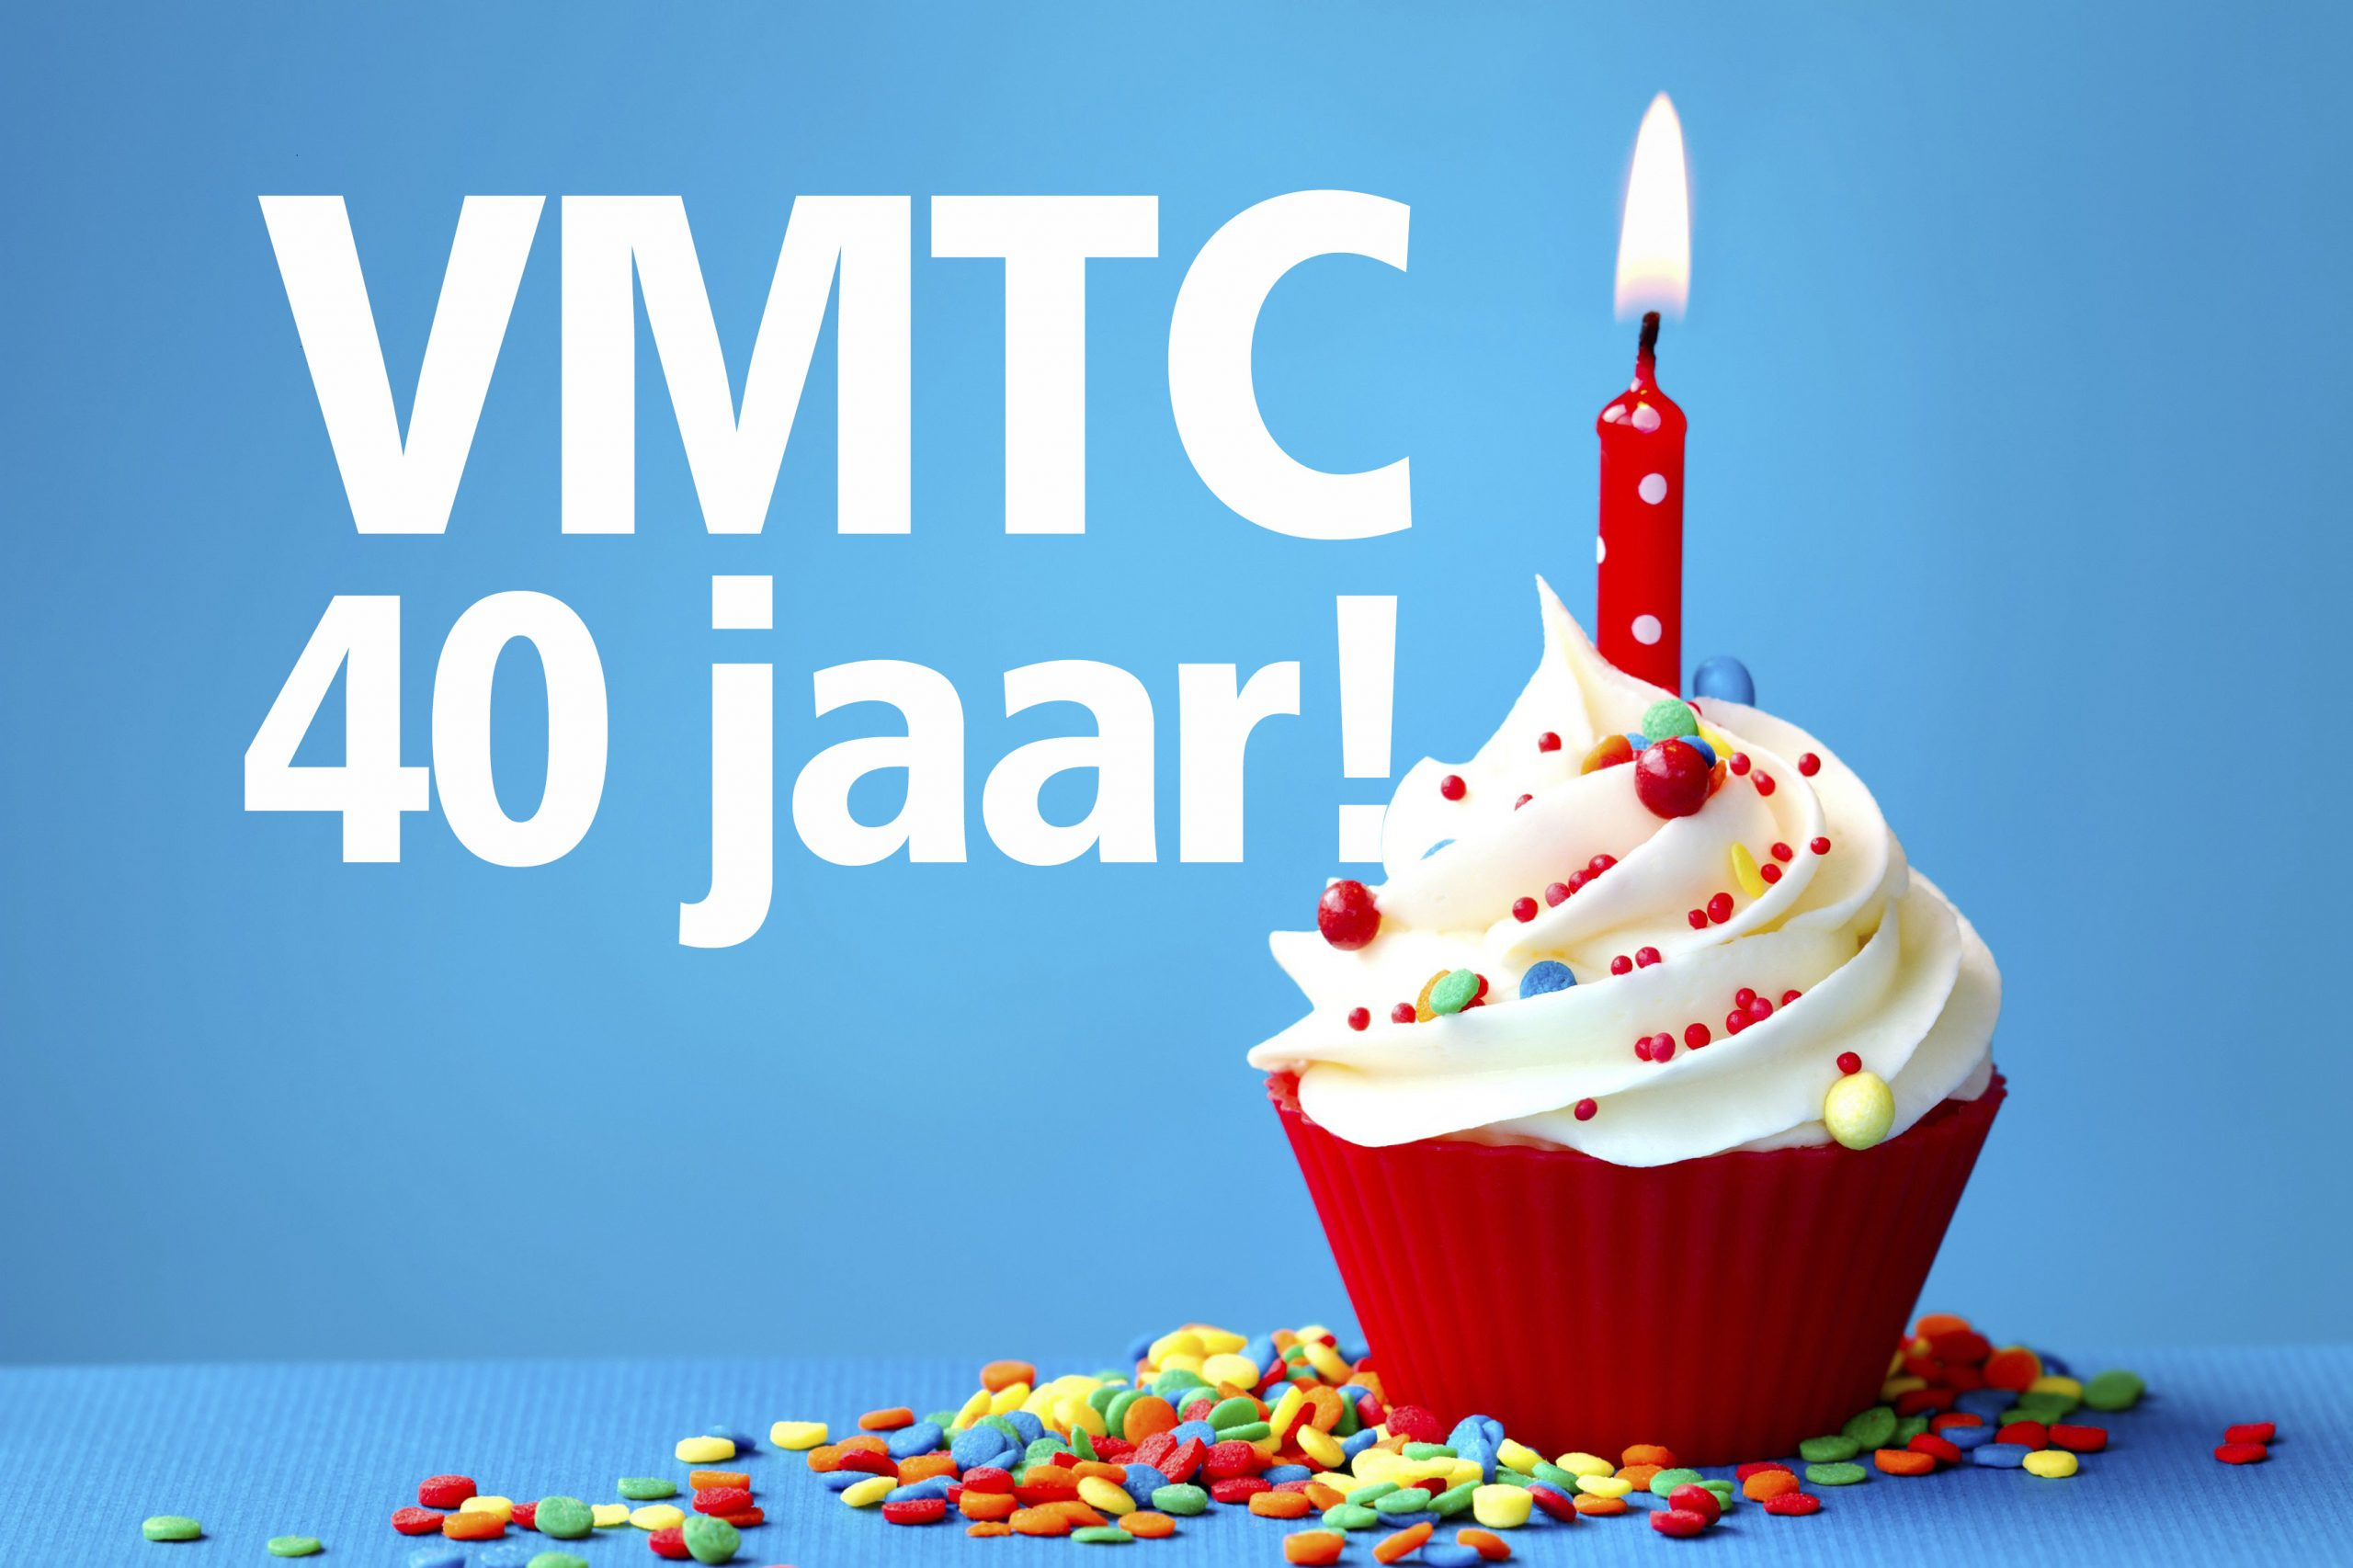 VMTC 40 jaar